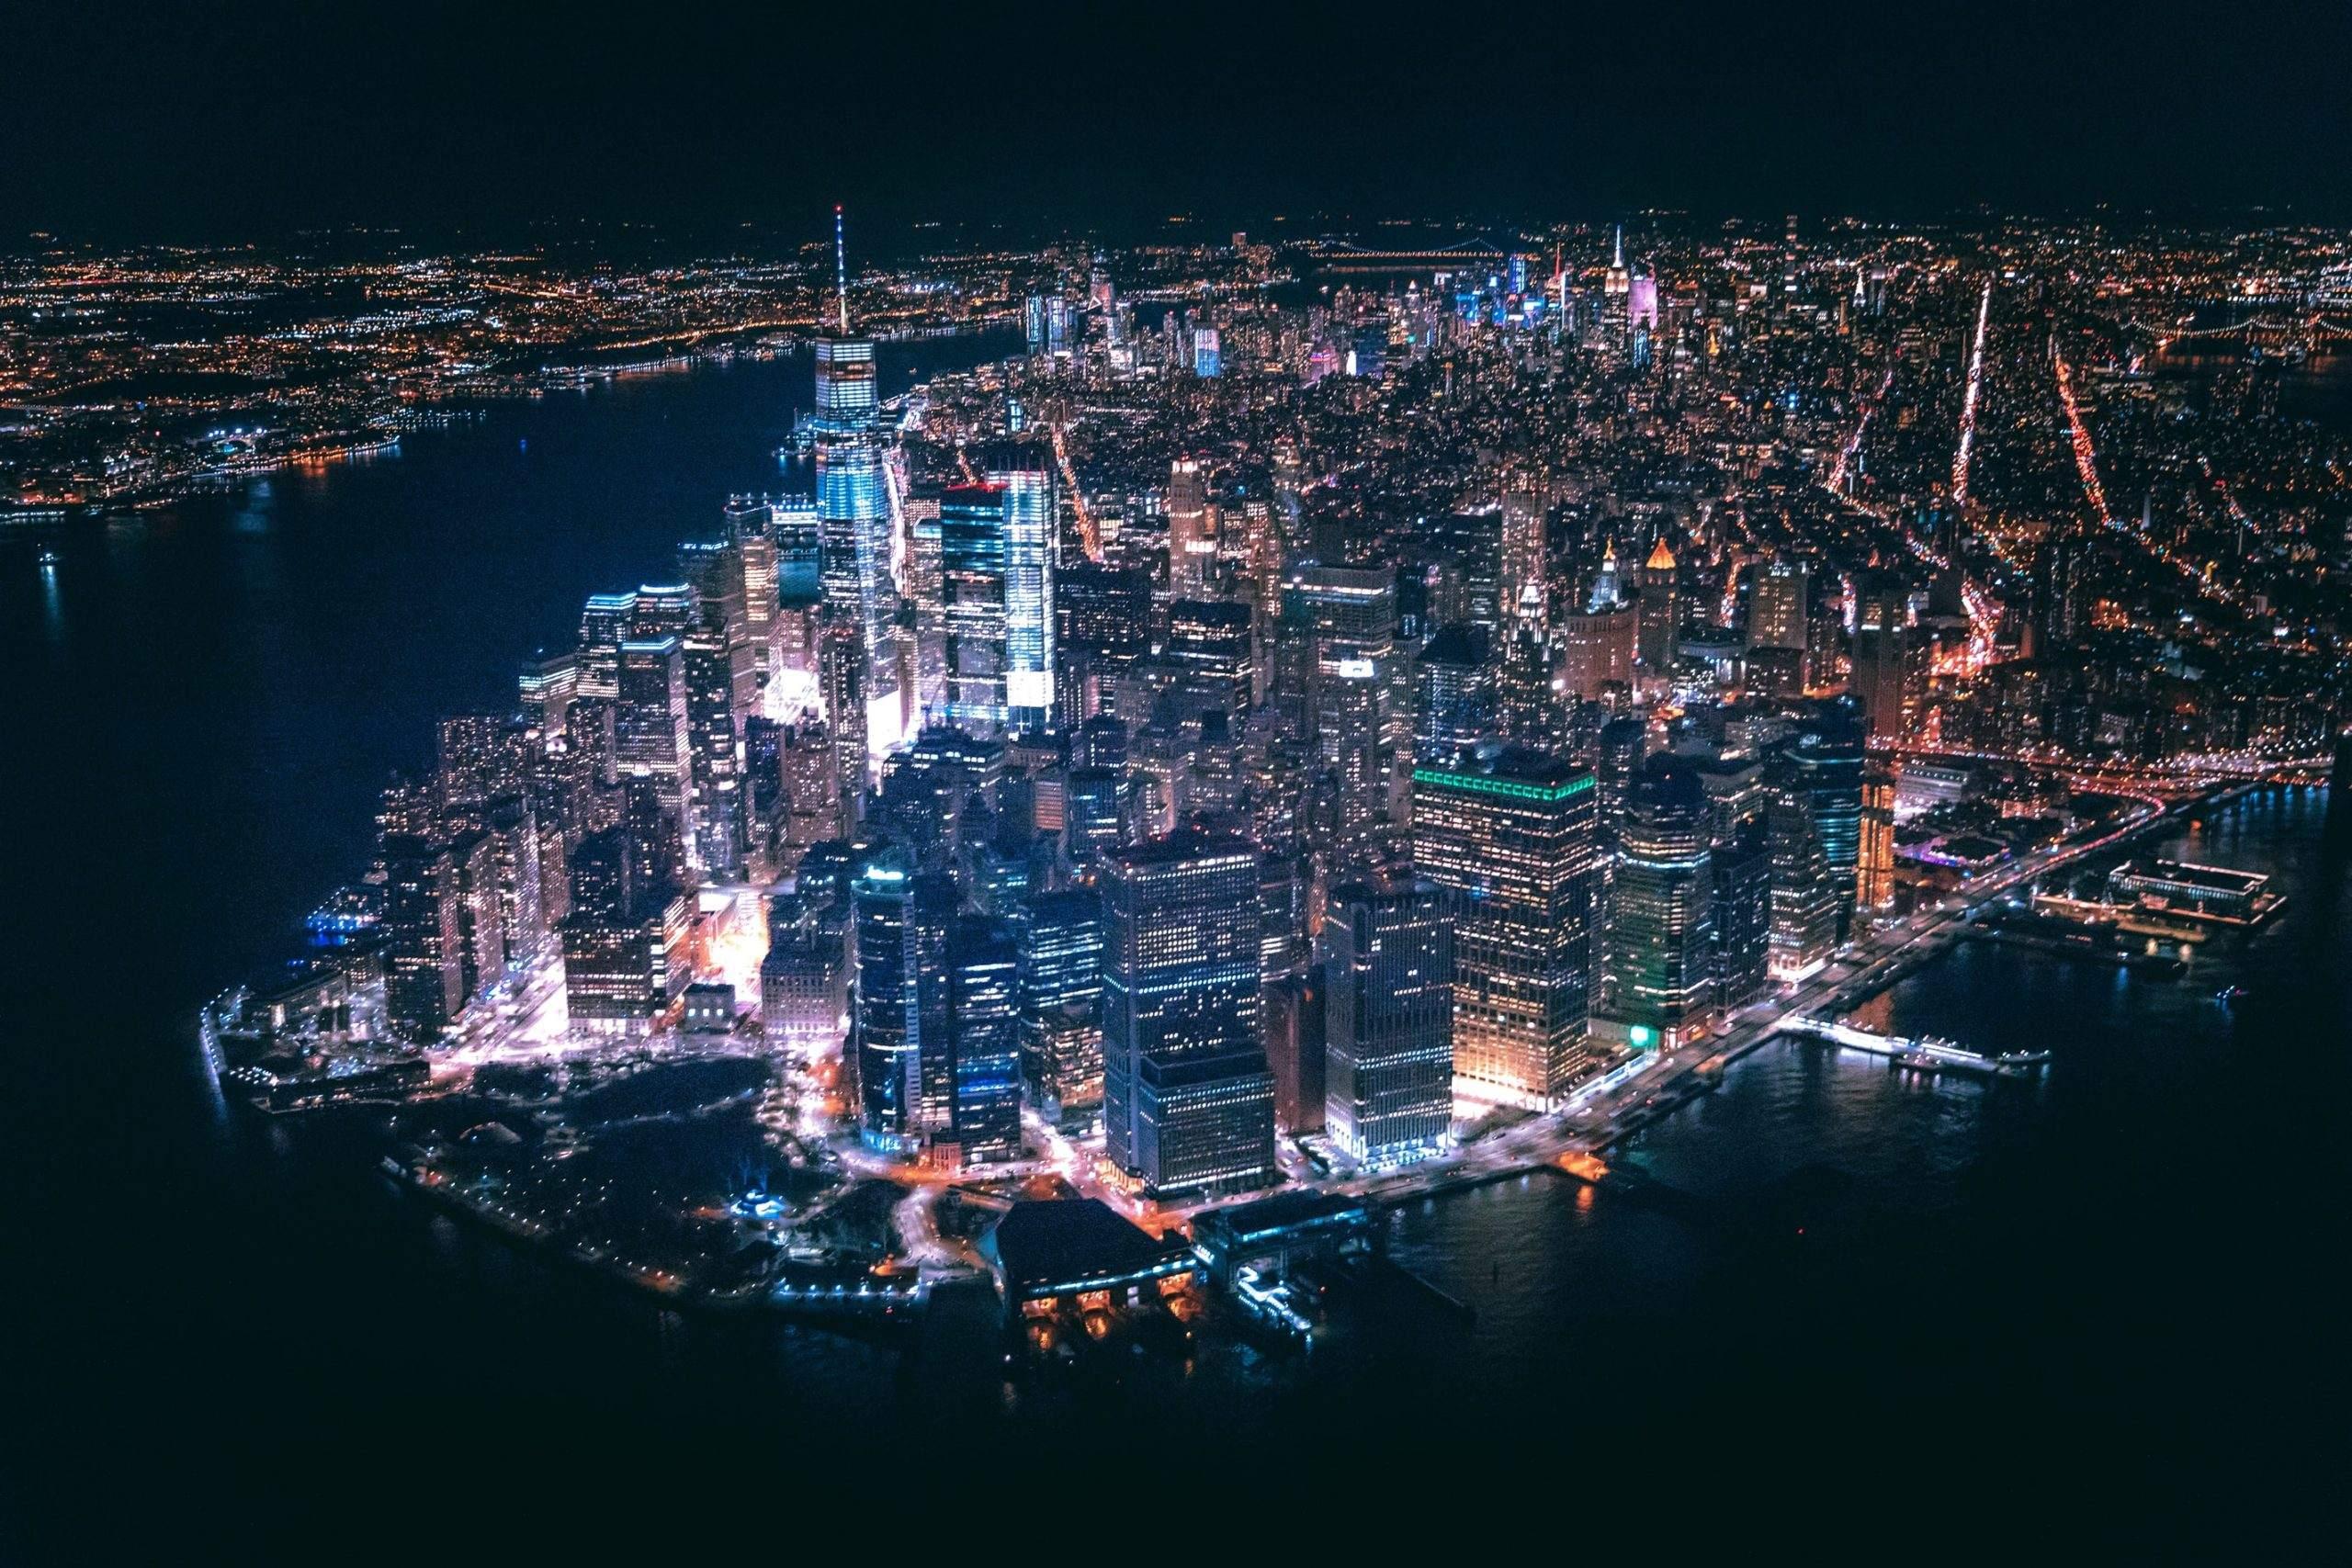 Downtown New York City - der globale Aktienmarkt achtet auf die Wall Street